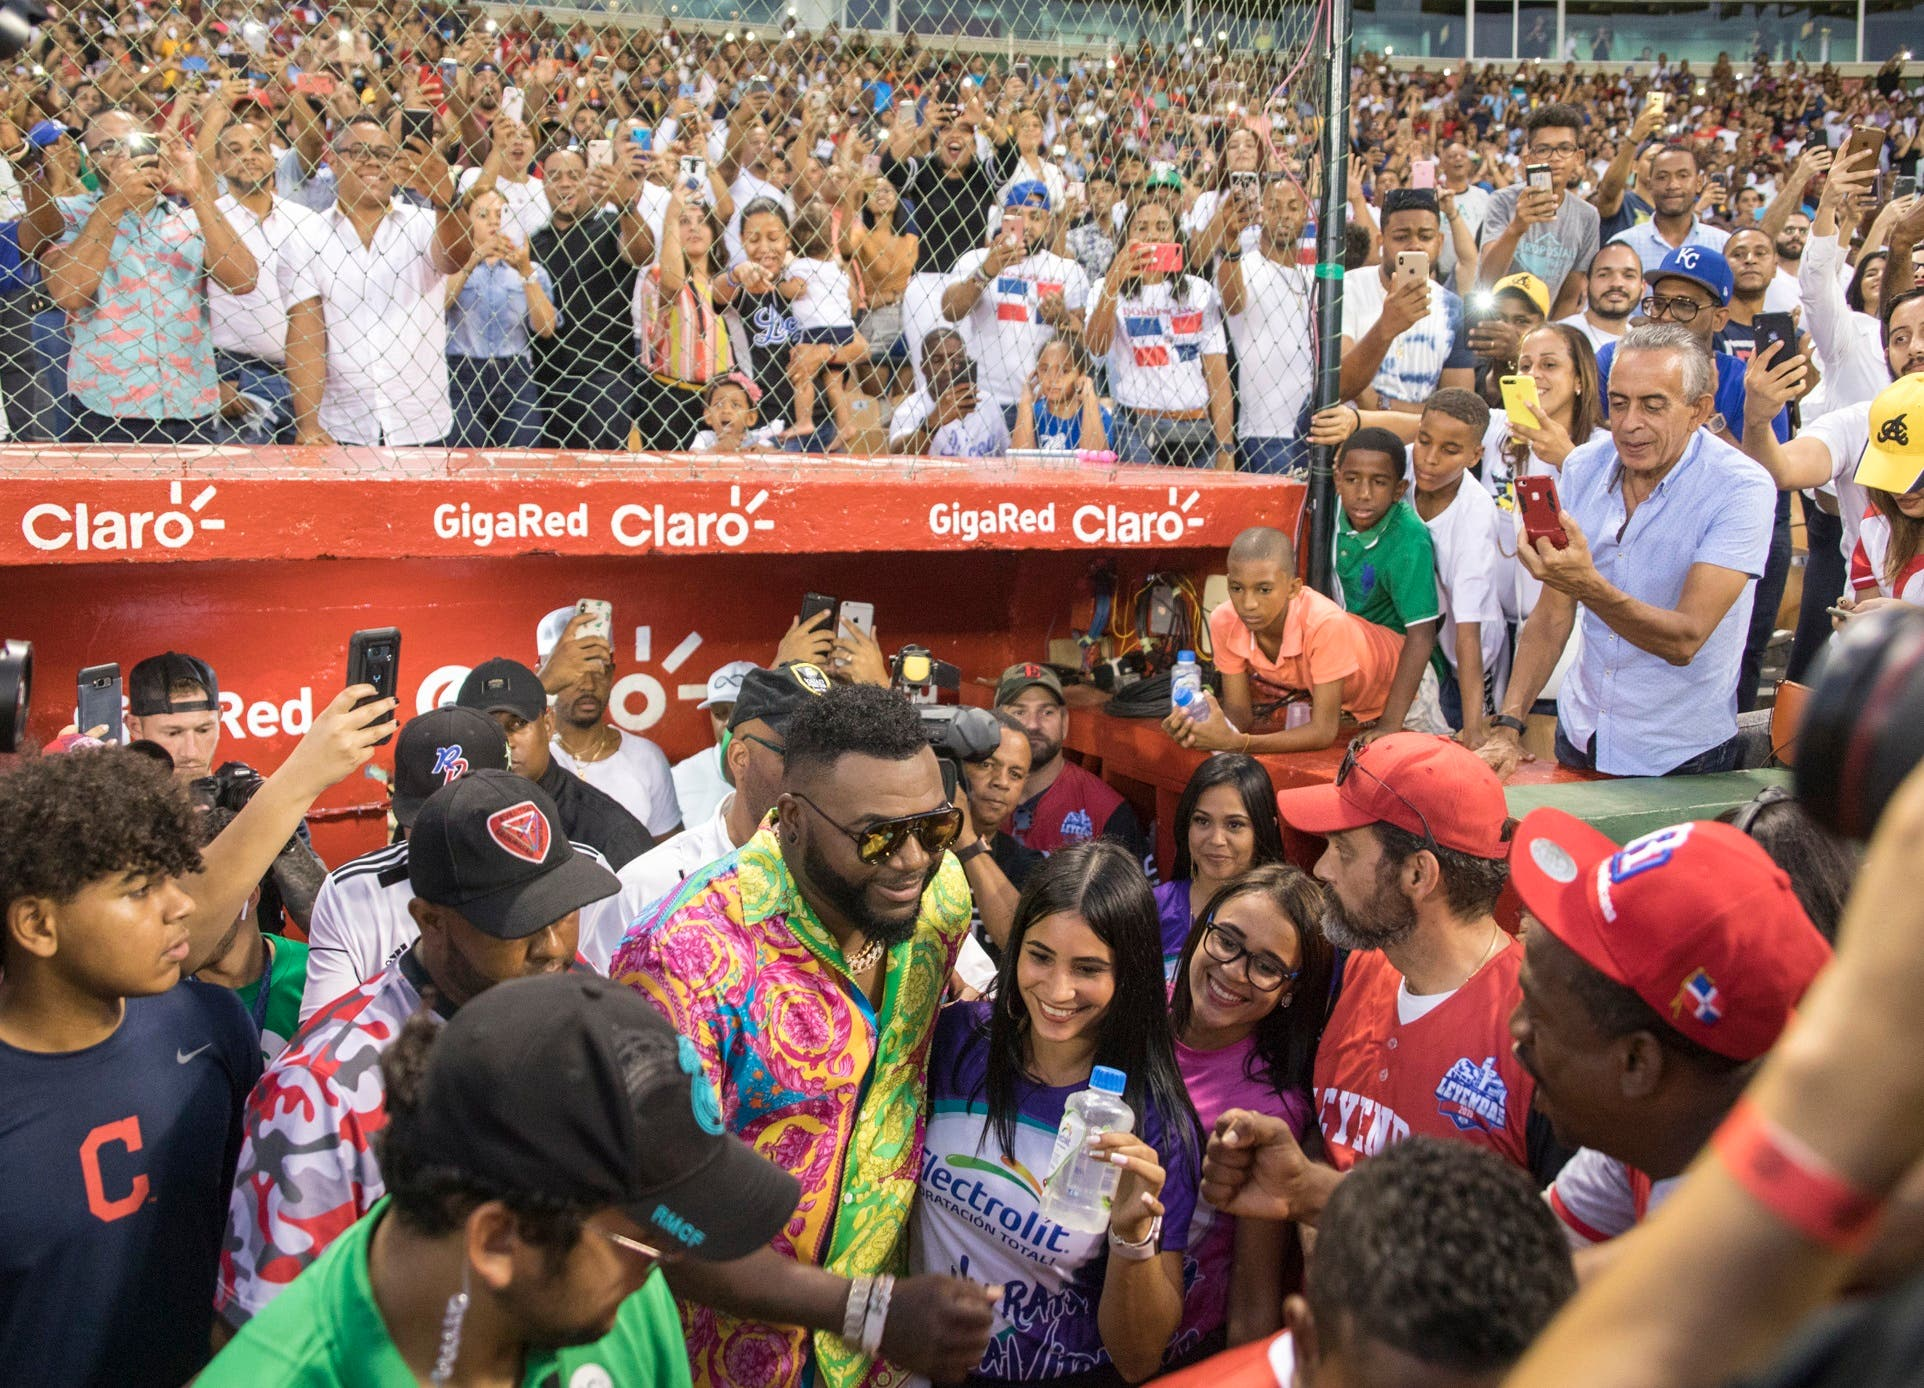 Fotos y video: Así fue la aparición de David Ortiz en el Estadio Quisqueya tras casi seis meses de tiroteo